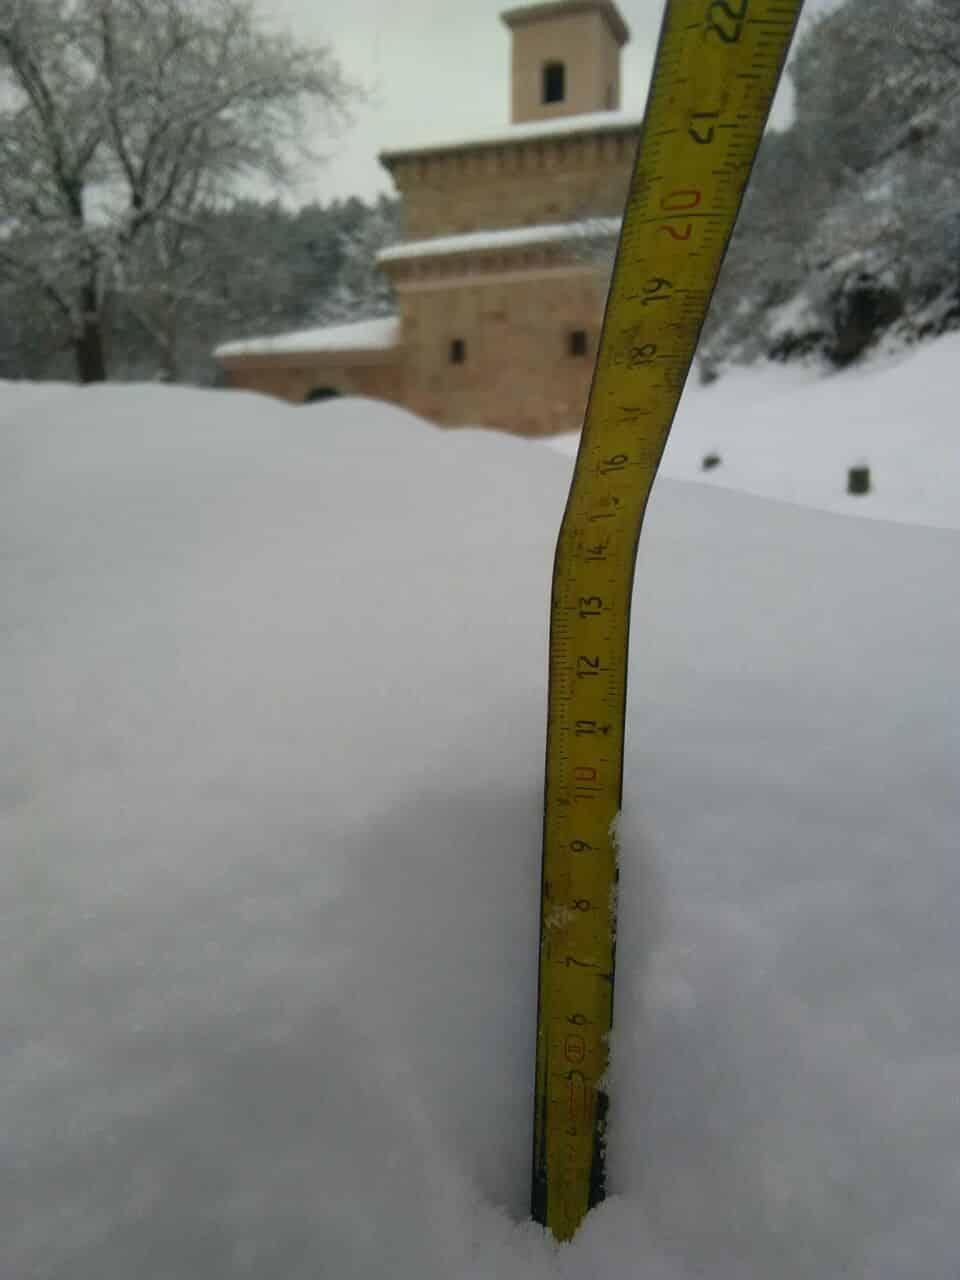 DIRECTO: 'Filomena' hace acto de presencia en La Rioja: nieve, frío y hielo 5